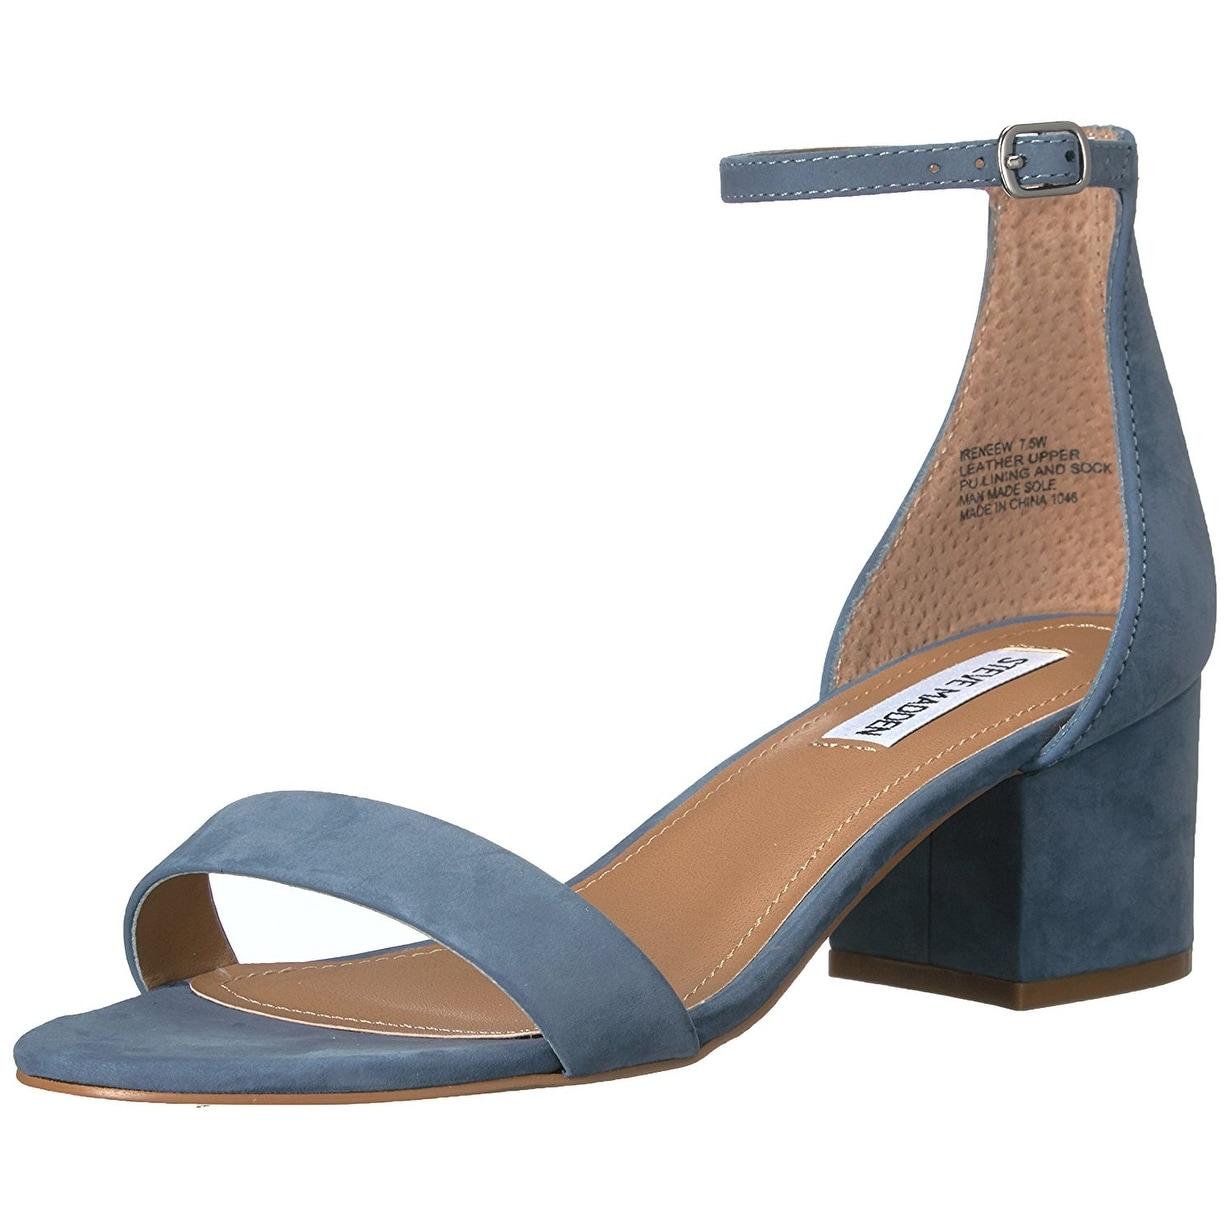 1f086b72e971 Shop Steve Madden Women s Ireneew Wide Width Dress Sandal - Free ...